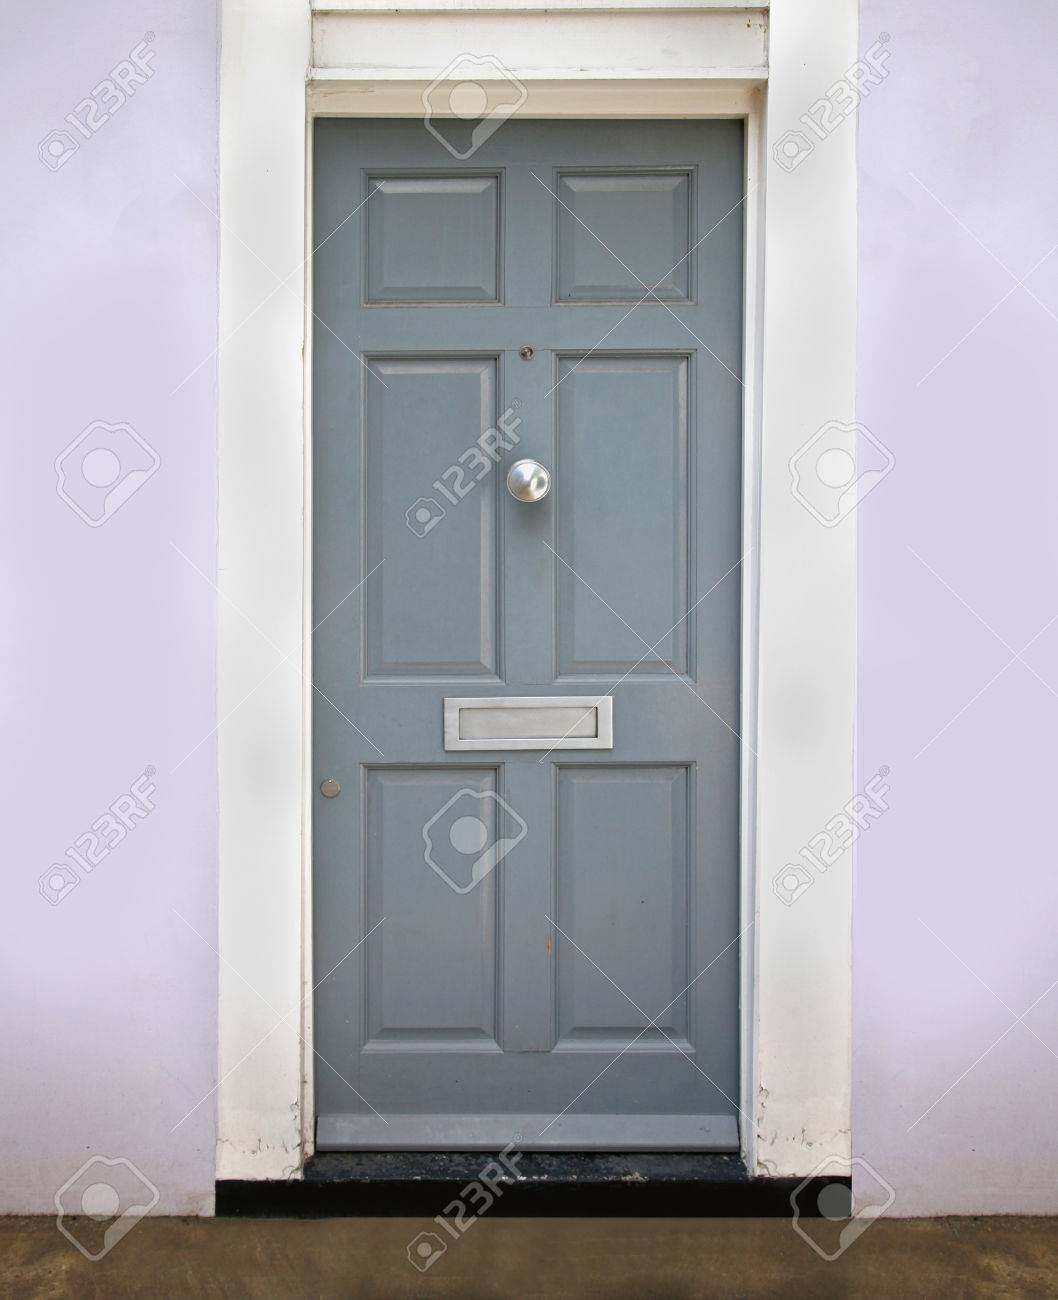 Retro gray closed entrance door with silver letterbox Stock Photo - 30943256 & Retro Gray Closed Entrance Door With Silver Letterbox Stock Photo ...